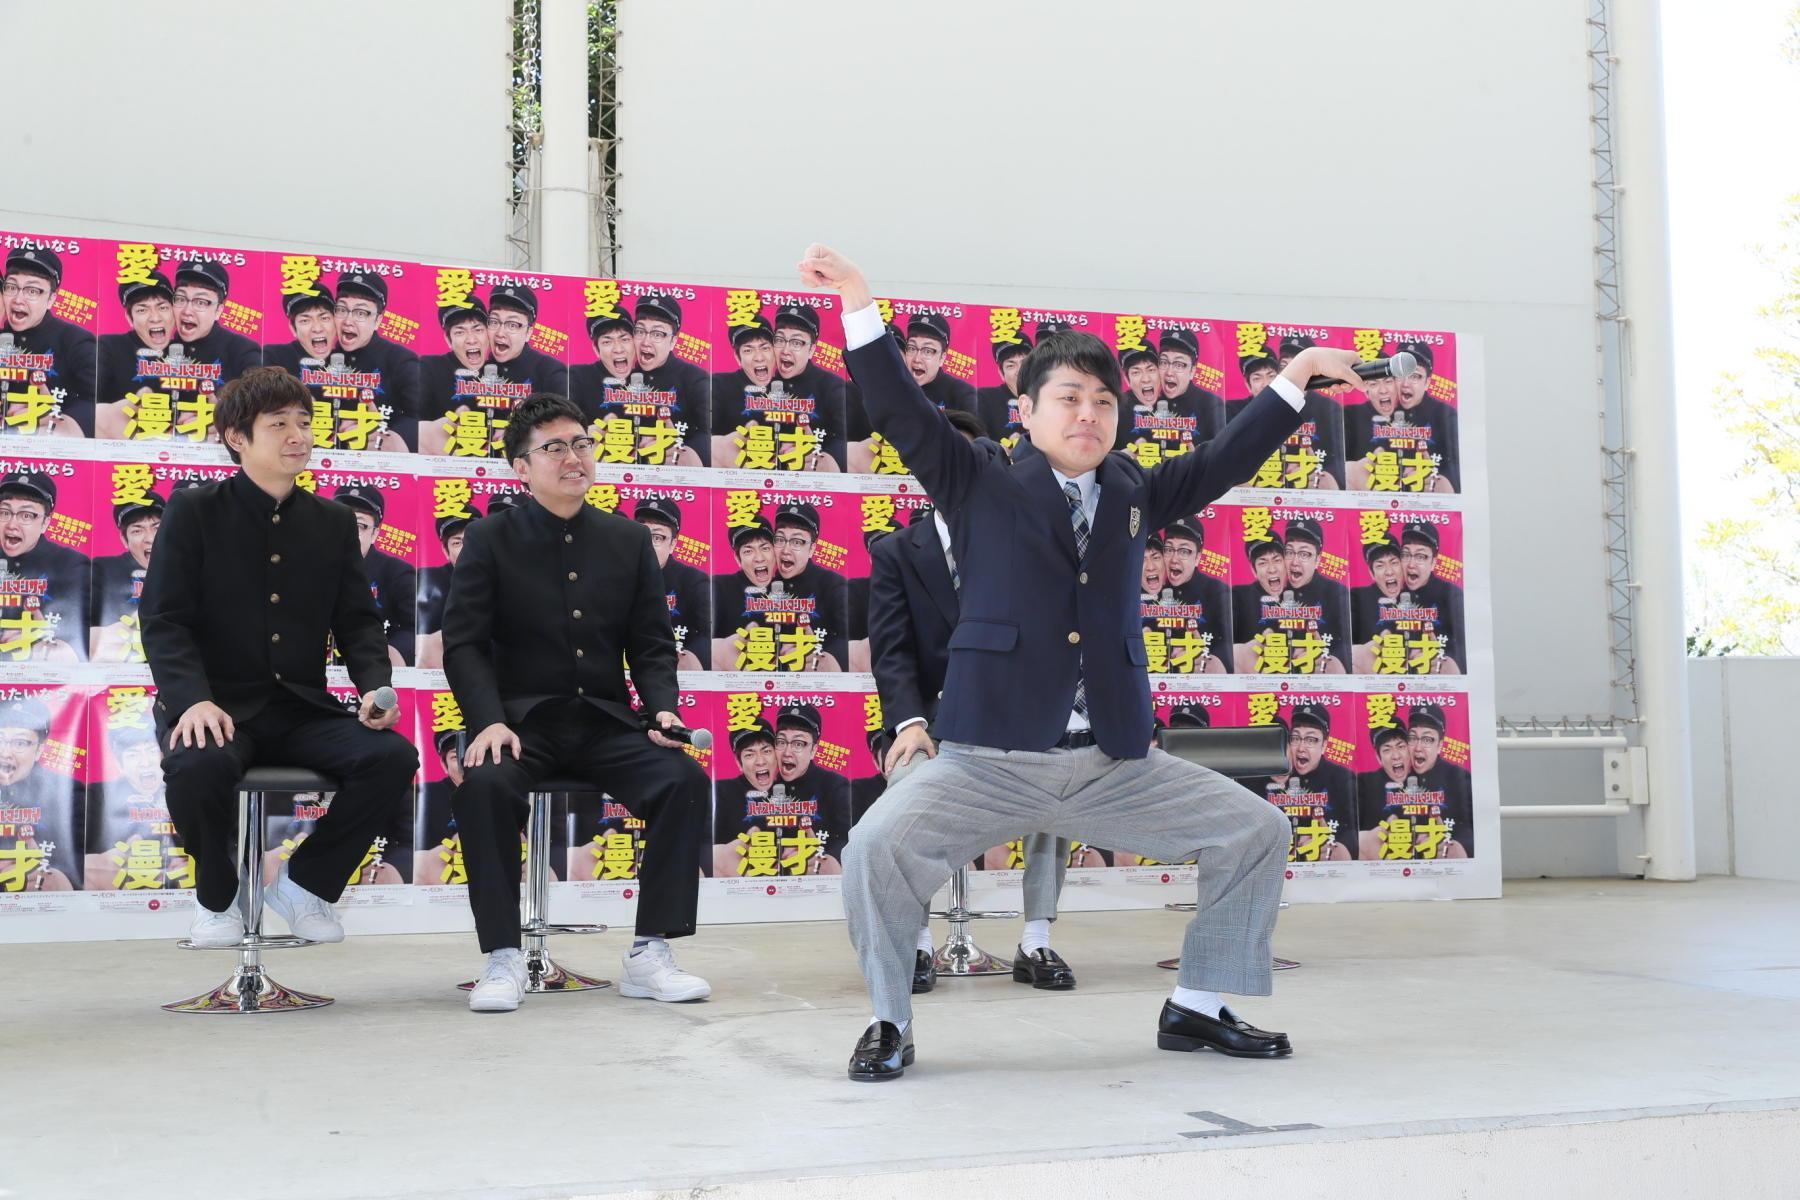 http://news.yoshimoto.co.jp/20170413154314-a4dc0d7daff967cde98d0bb61ff99293f9ad308e.jpg